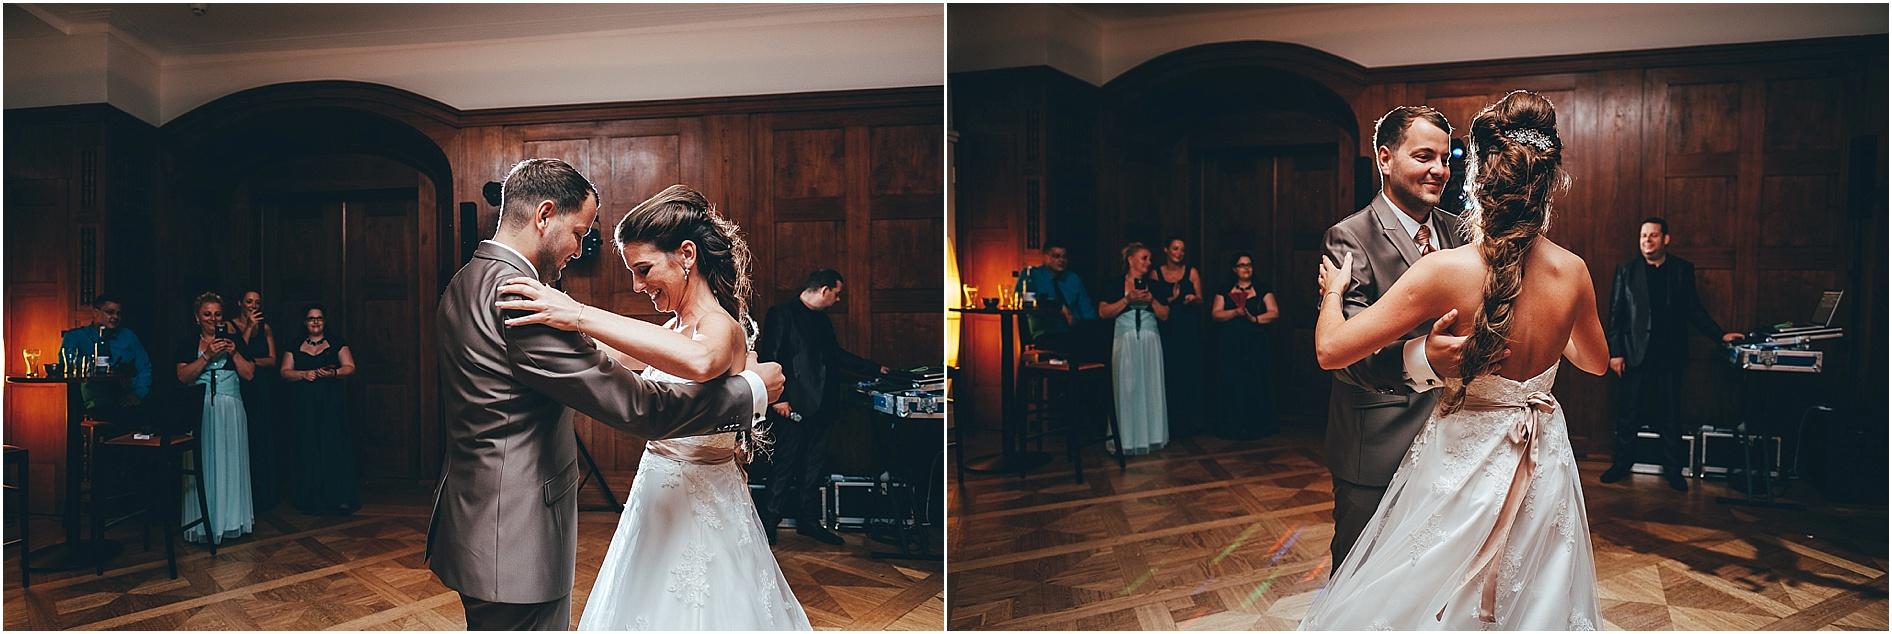 Hochzeitsfotograf Schwerin, Schloss Hasenwinkel, Caro und Marc, 2017-01-17_0112.jpg